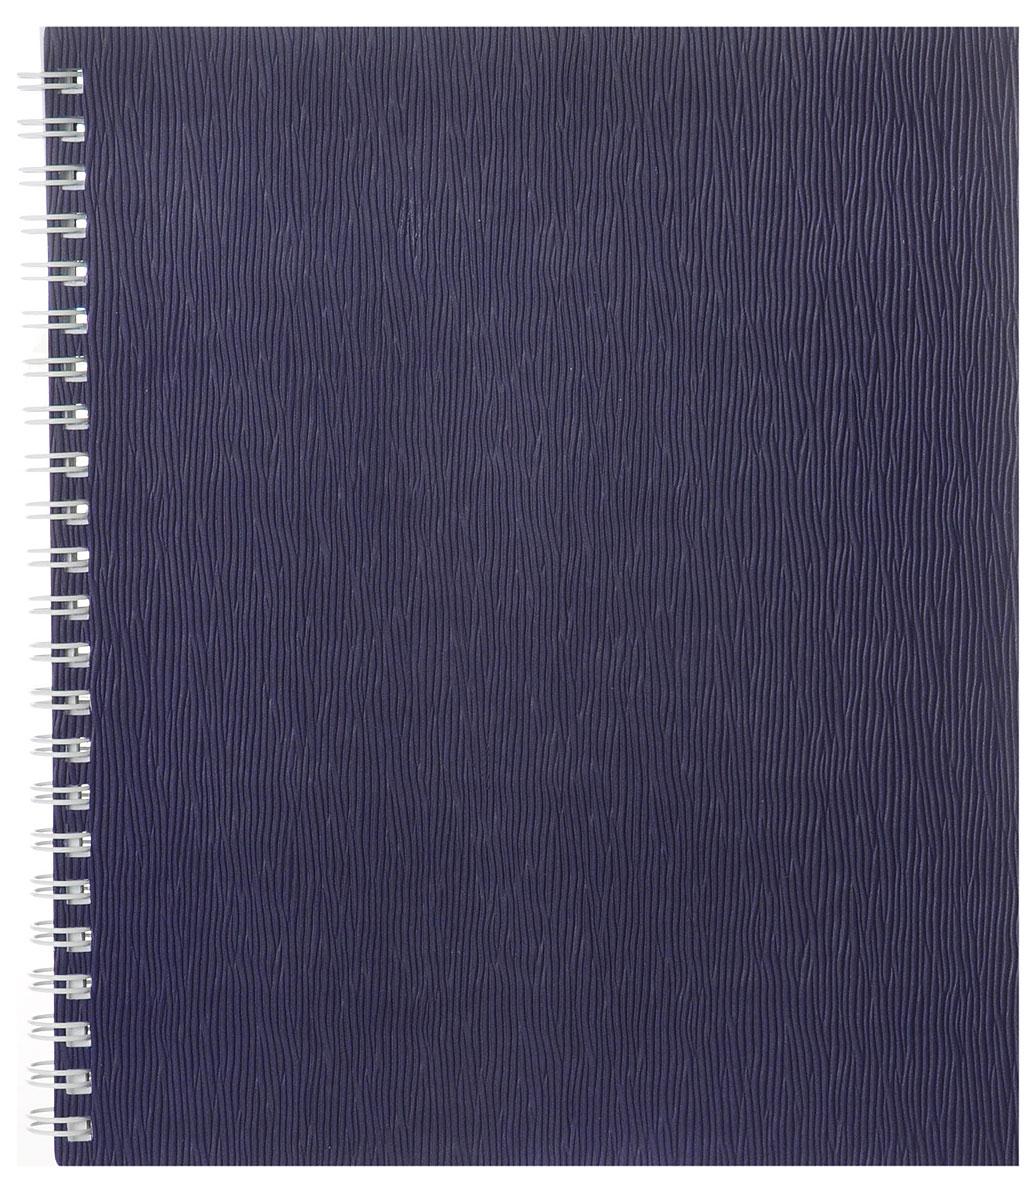 Hatber Тетрадь Wood 80 листов в клетку80Т5B1гр_02236Тетрадь Hatber Wood подойдет как школьнику, так и студенту. Обложка тетради выполнена из пластика и оформлена тиснением. Внутренний блок состоит из 80 листов белой бумаги. Стандартная линовка в голубую клетку без полей. Листы тетради соединены металлическим гребнем.